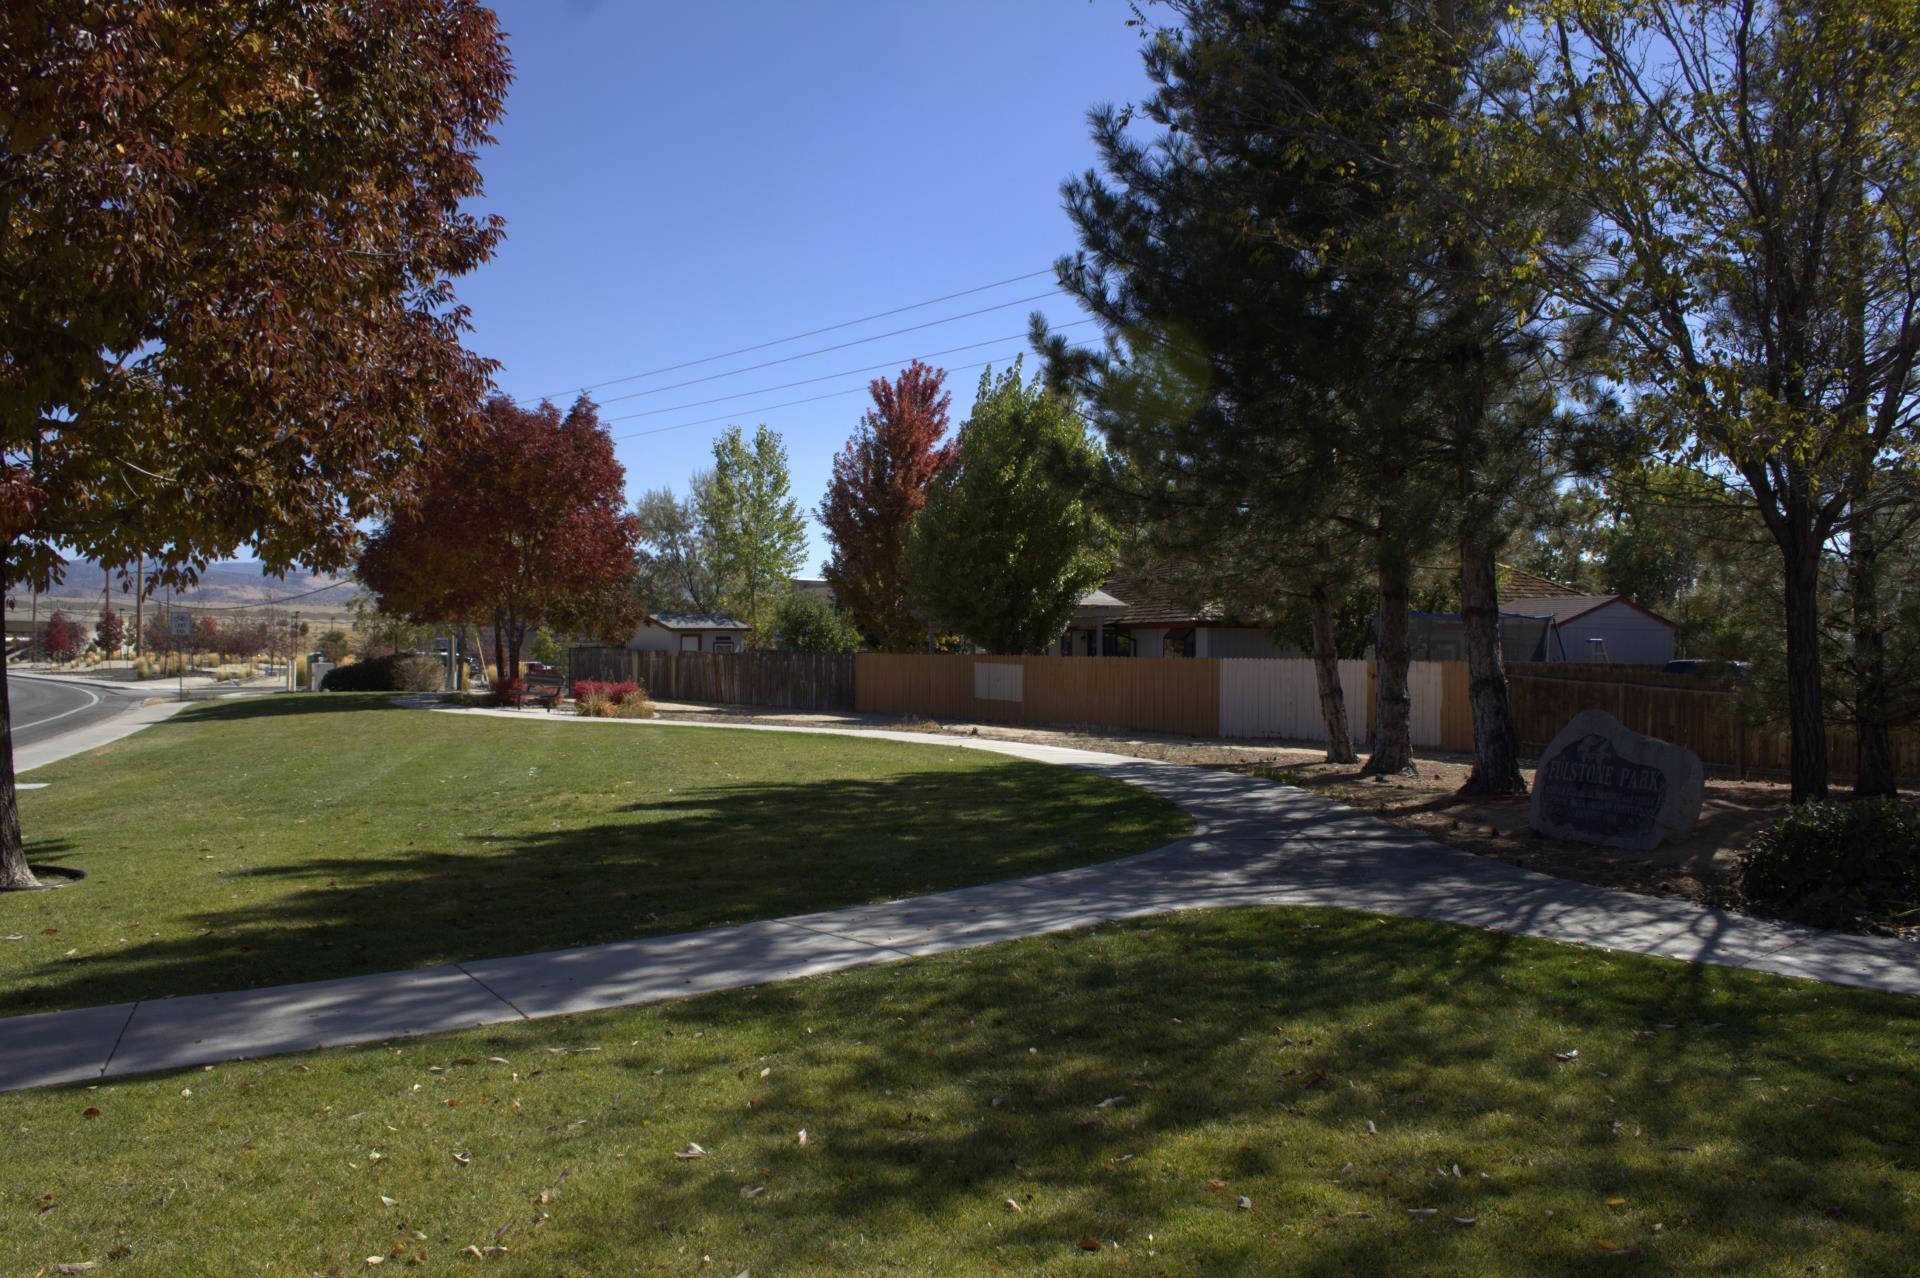 Fulstone Family Park #4